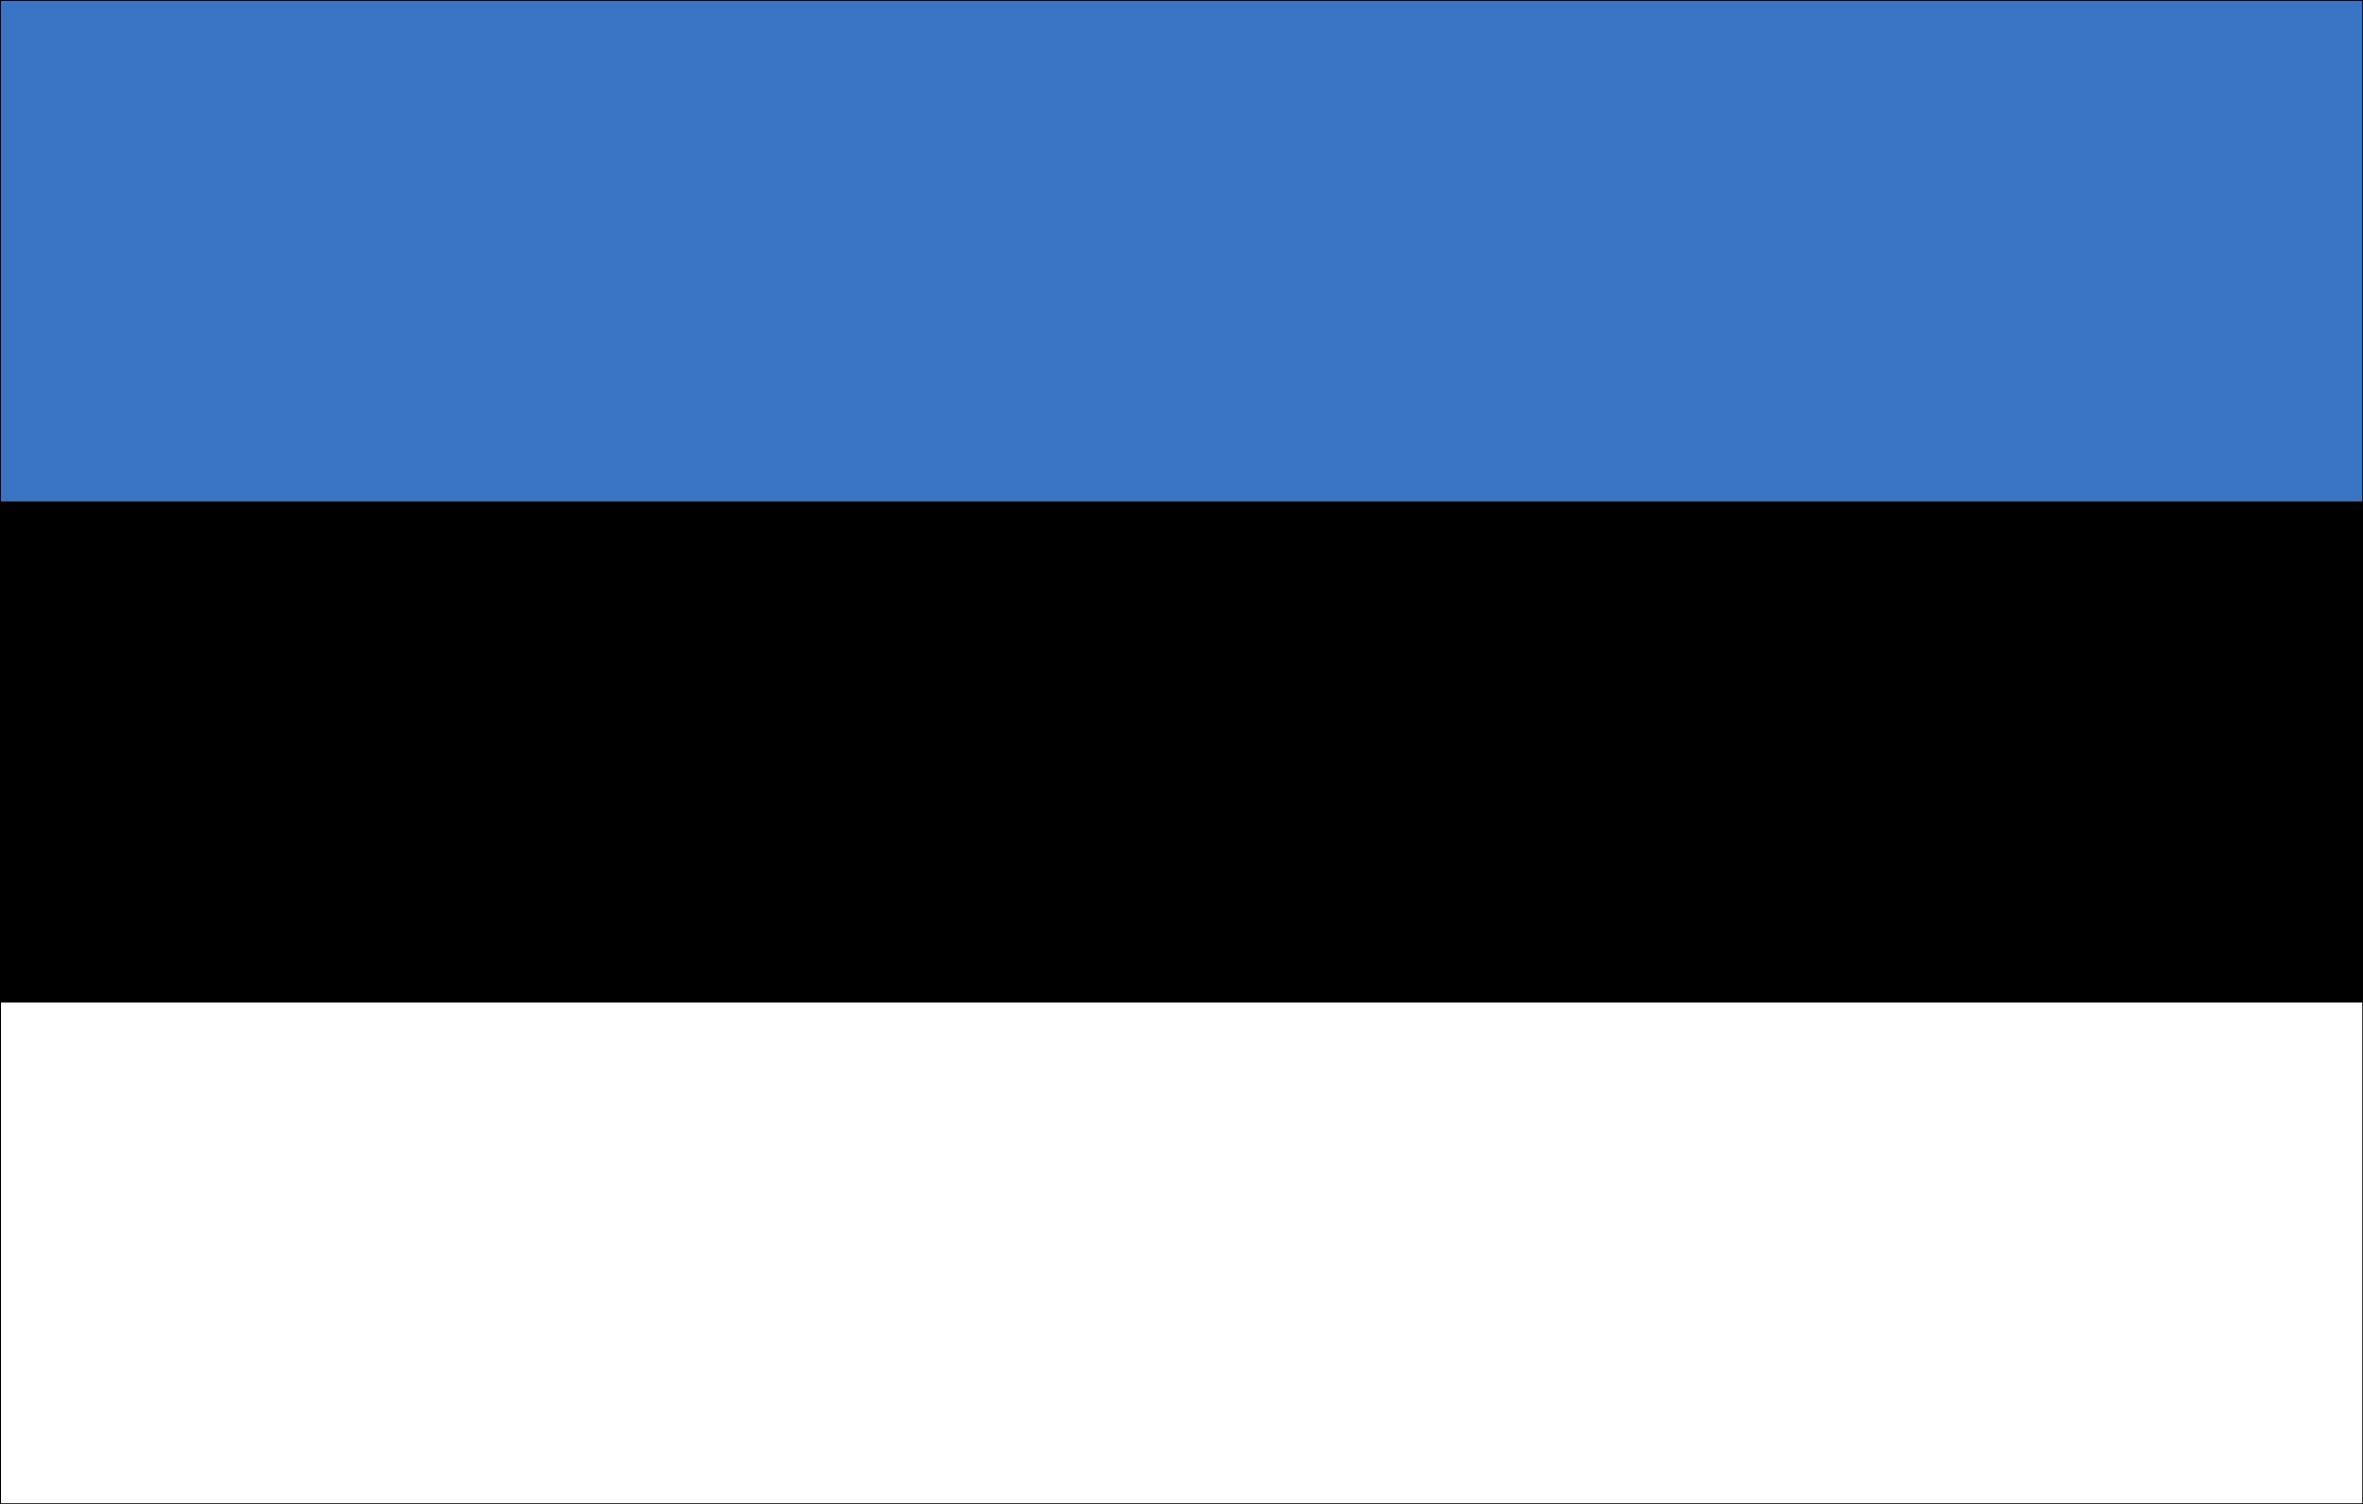 República de Estonia